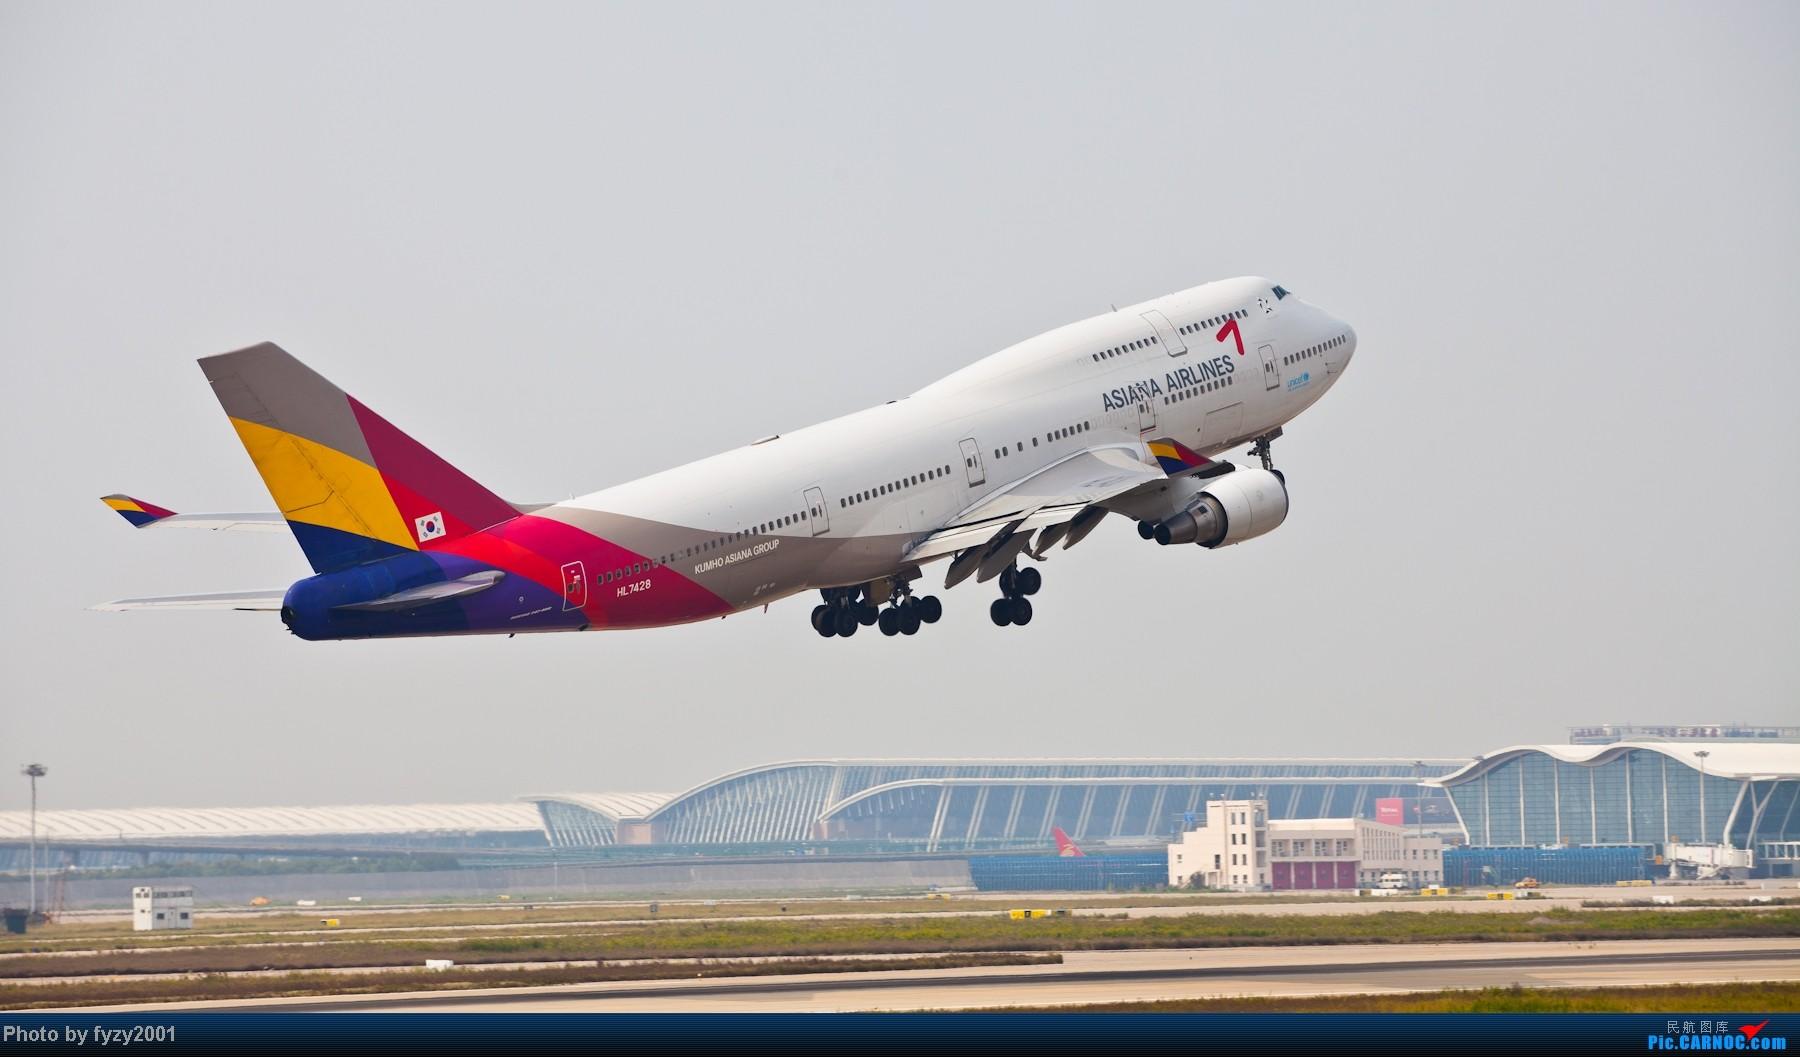 Re:[原创][无锡西站]长假PVG蹲守~~~~只发大图,多图杀猫~~~~ BOEING 747-400 HL7428 中国上海浦东机场